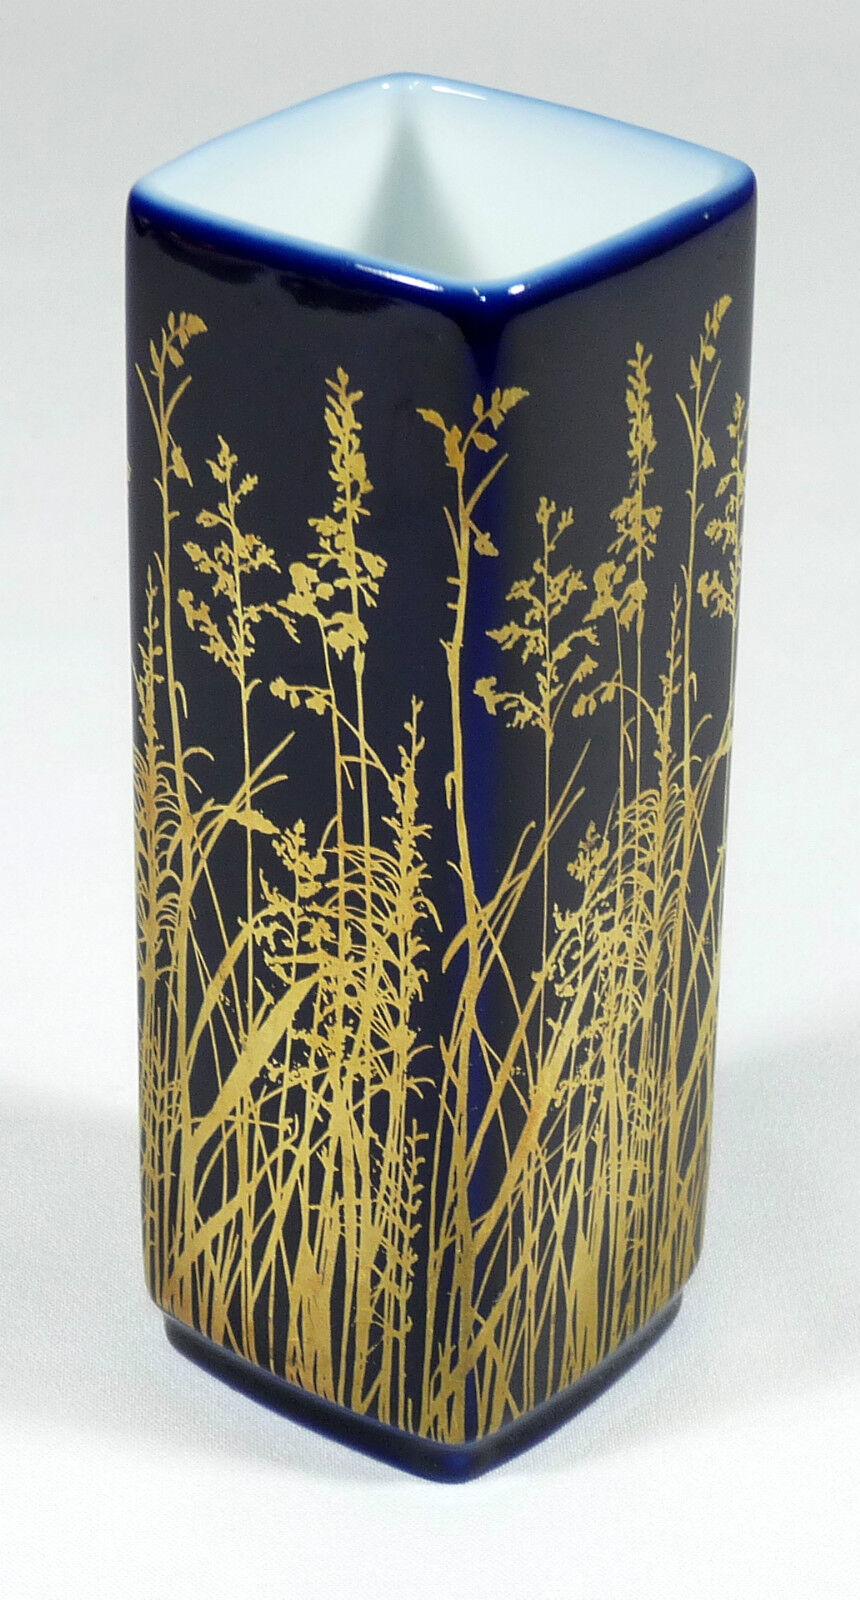 GEROLD PORZELLAN - 10cm gr. VASE Blaumenvase Designervase - KOBALT-BLAU Gold